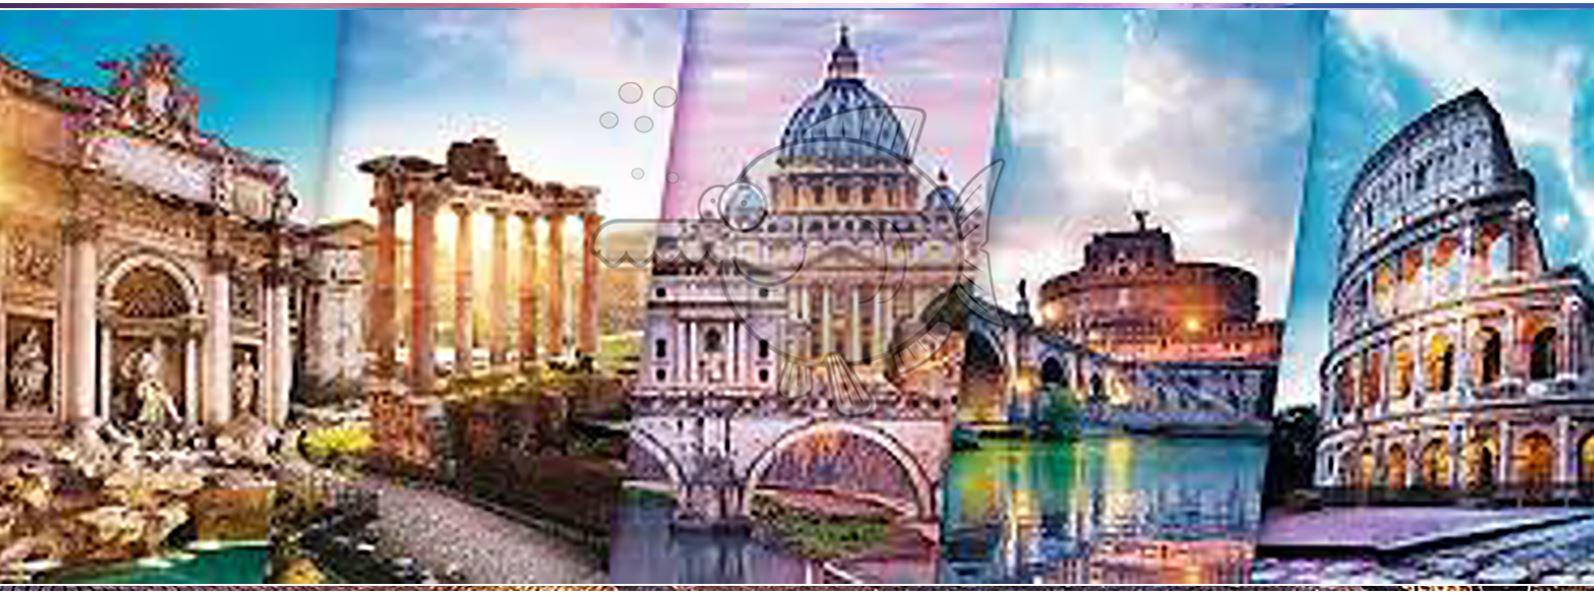 Trefl-300-500-1000-1500-2000-3000-4000-6000-Piece-Jigsaw-Puzzle-Paysages-Ville miniature 236